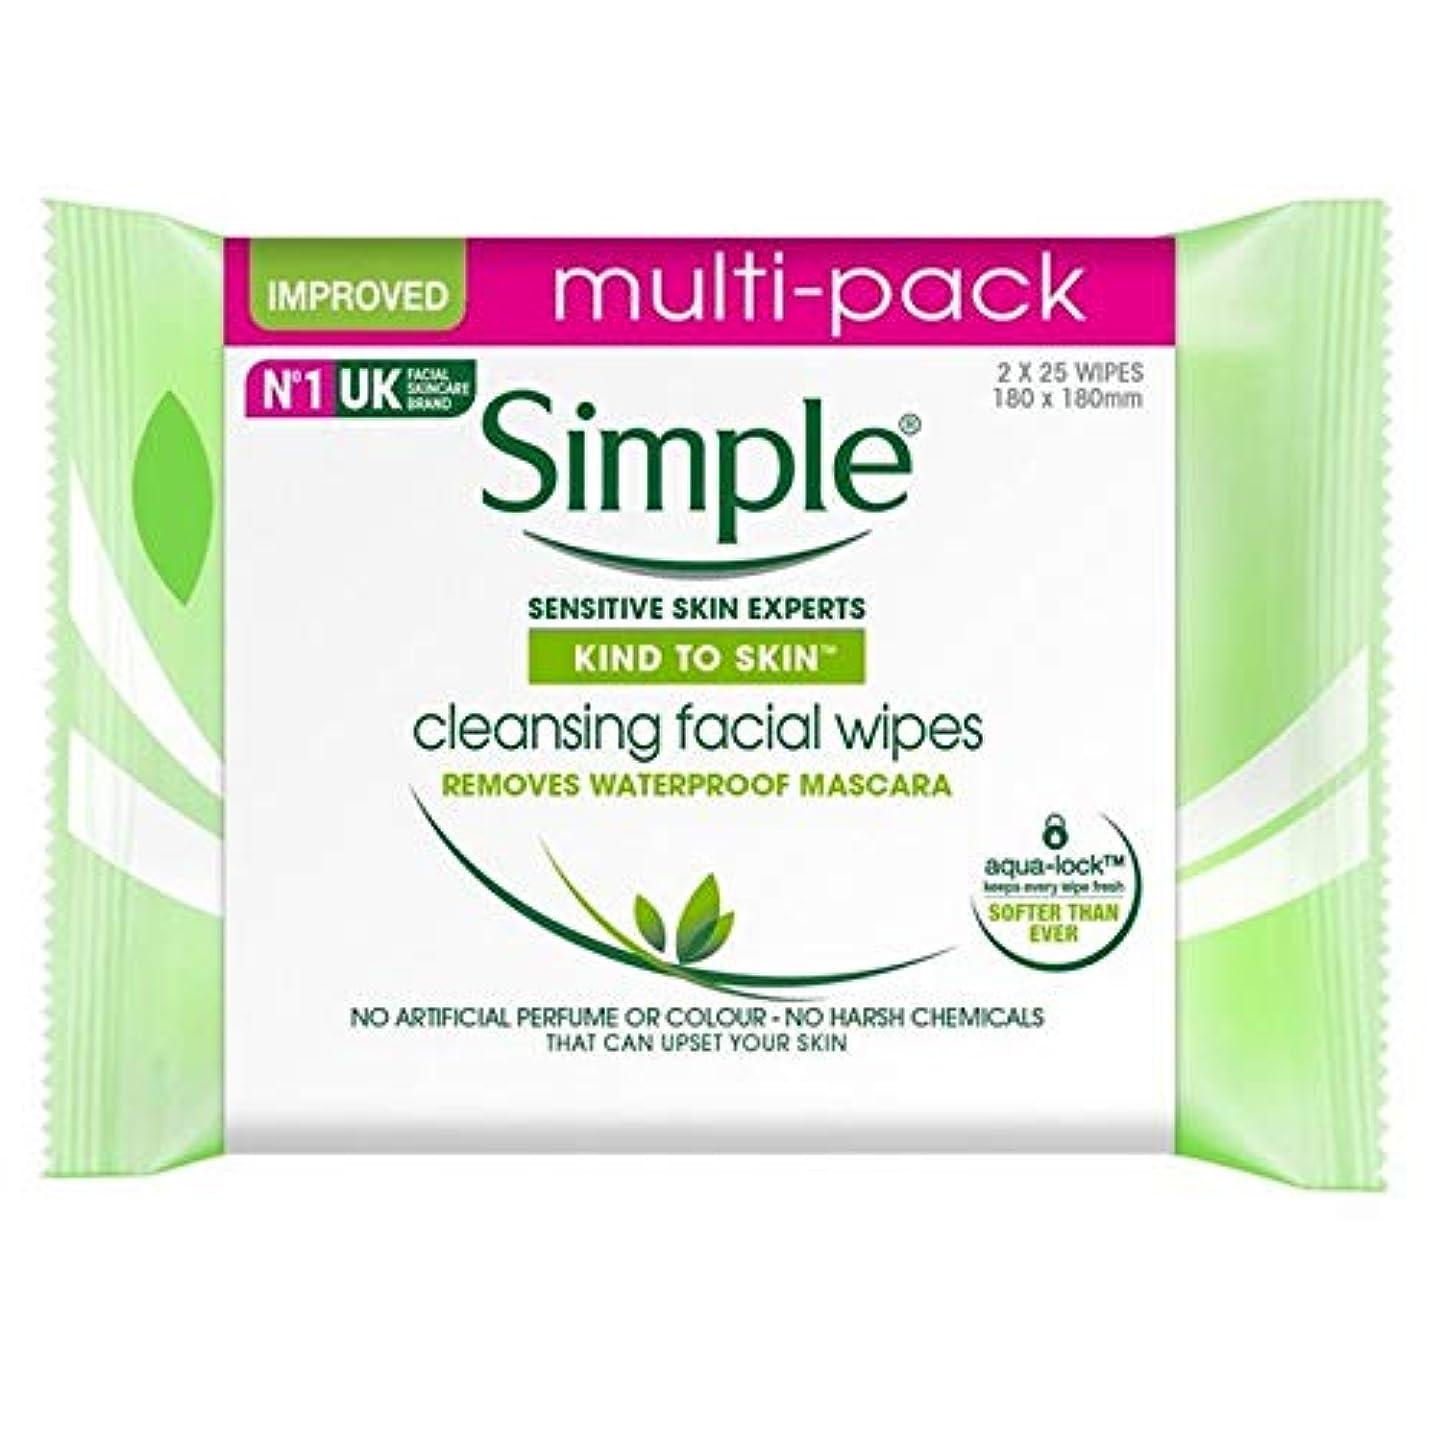 自動車王朝胆嚢[Simple ] 肌のクレンジングフェイシャルワイプ2×25パックあたりに簡単な種類 - Simple Kind To Skin Cleansing Facial Wipes 2 x 25 per pack [並行輸入品]